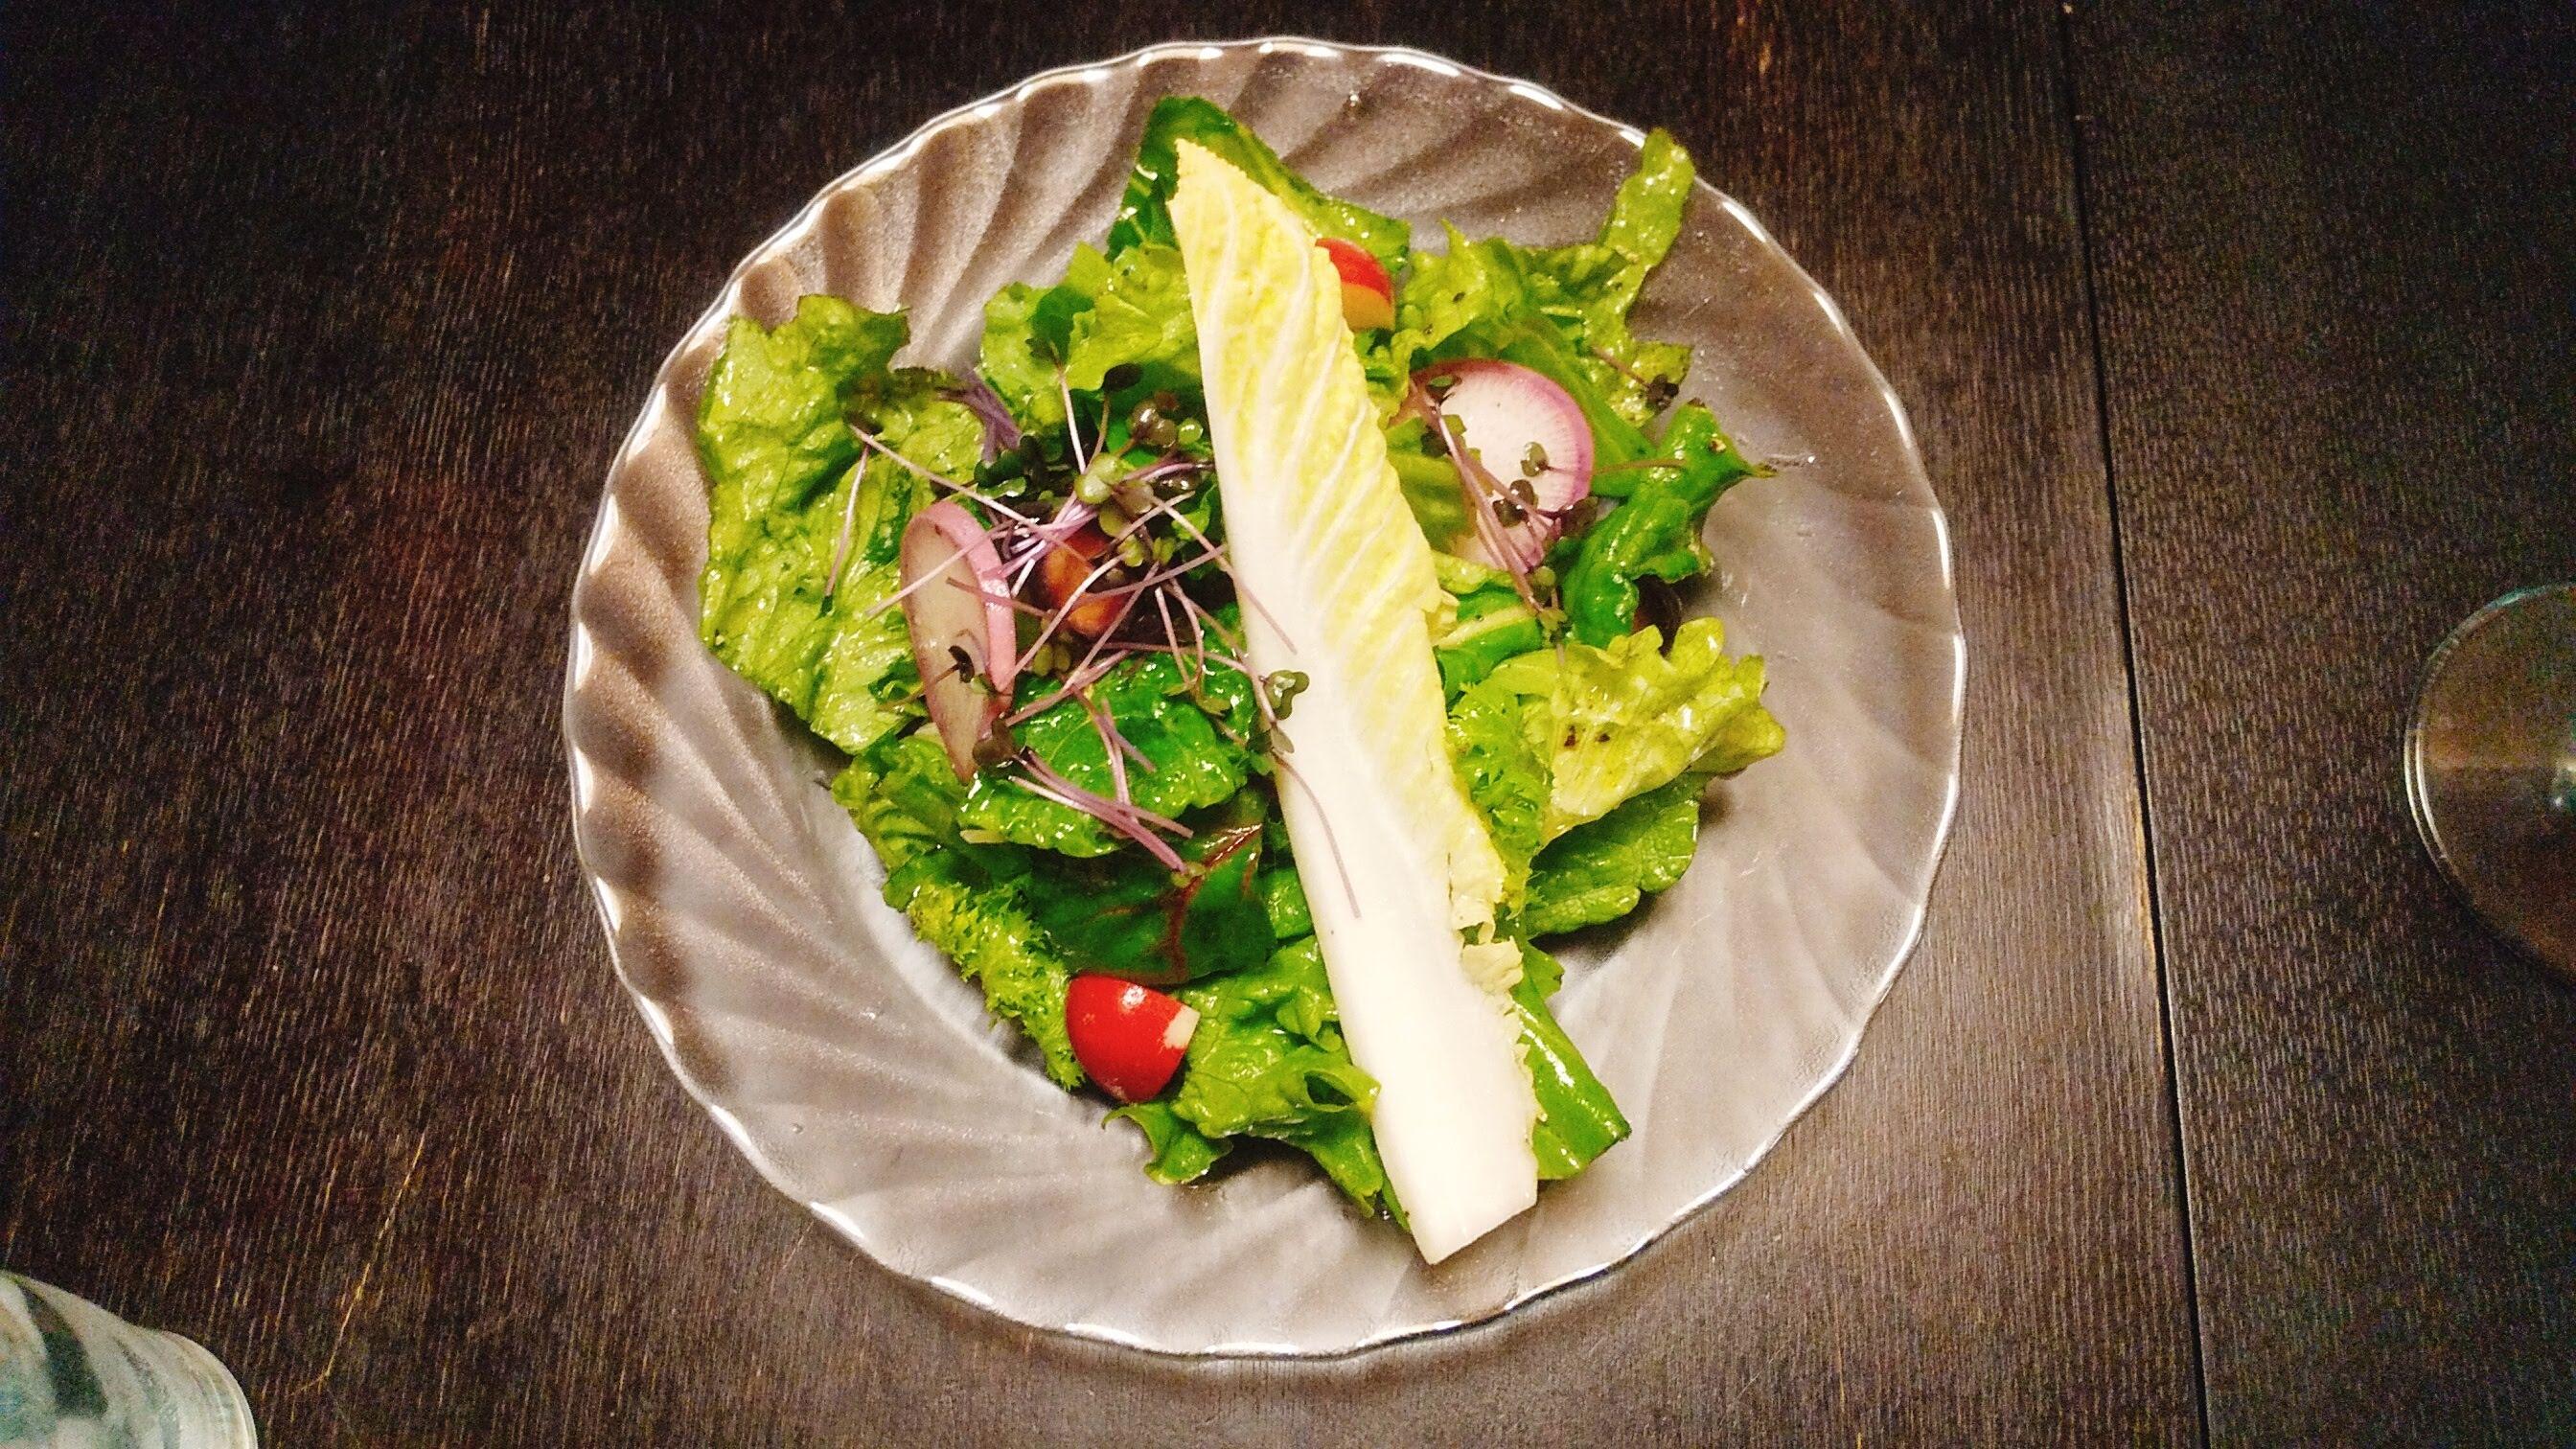 季織亭の有機野菜サラダの写真